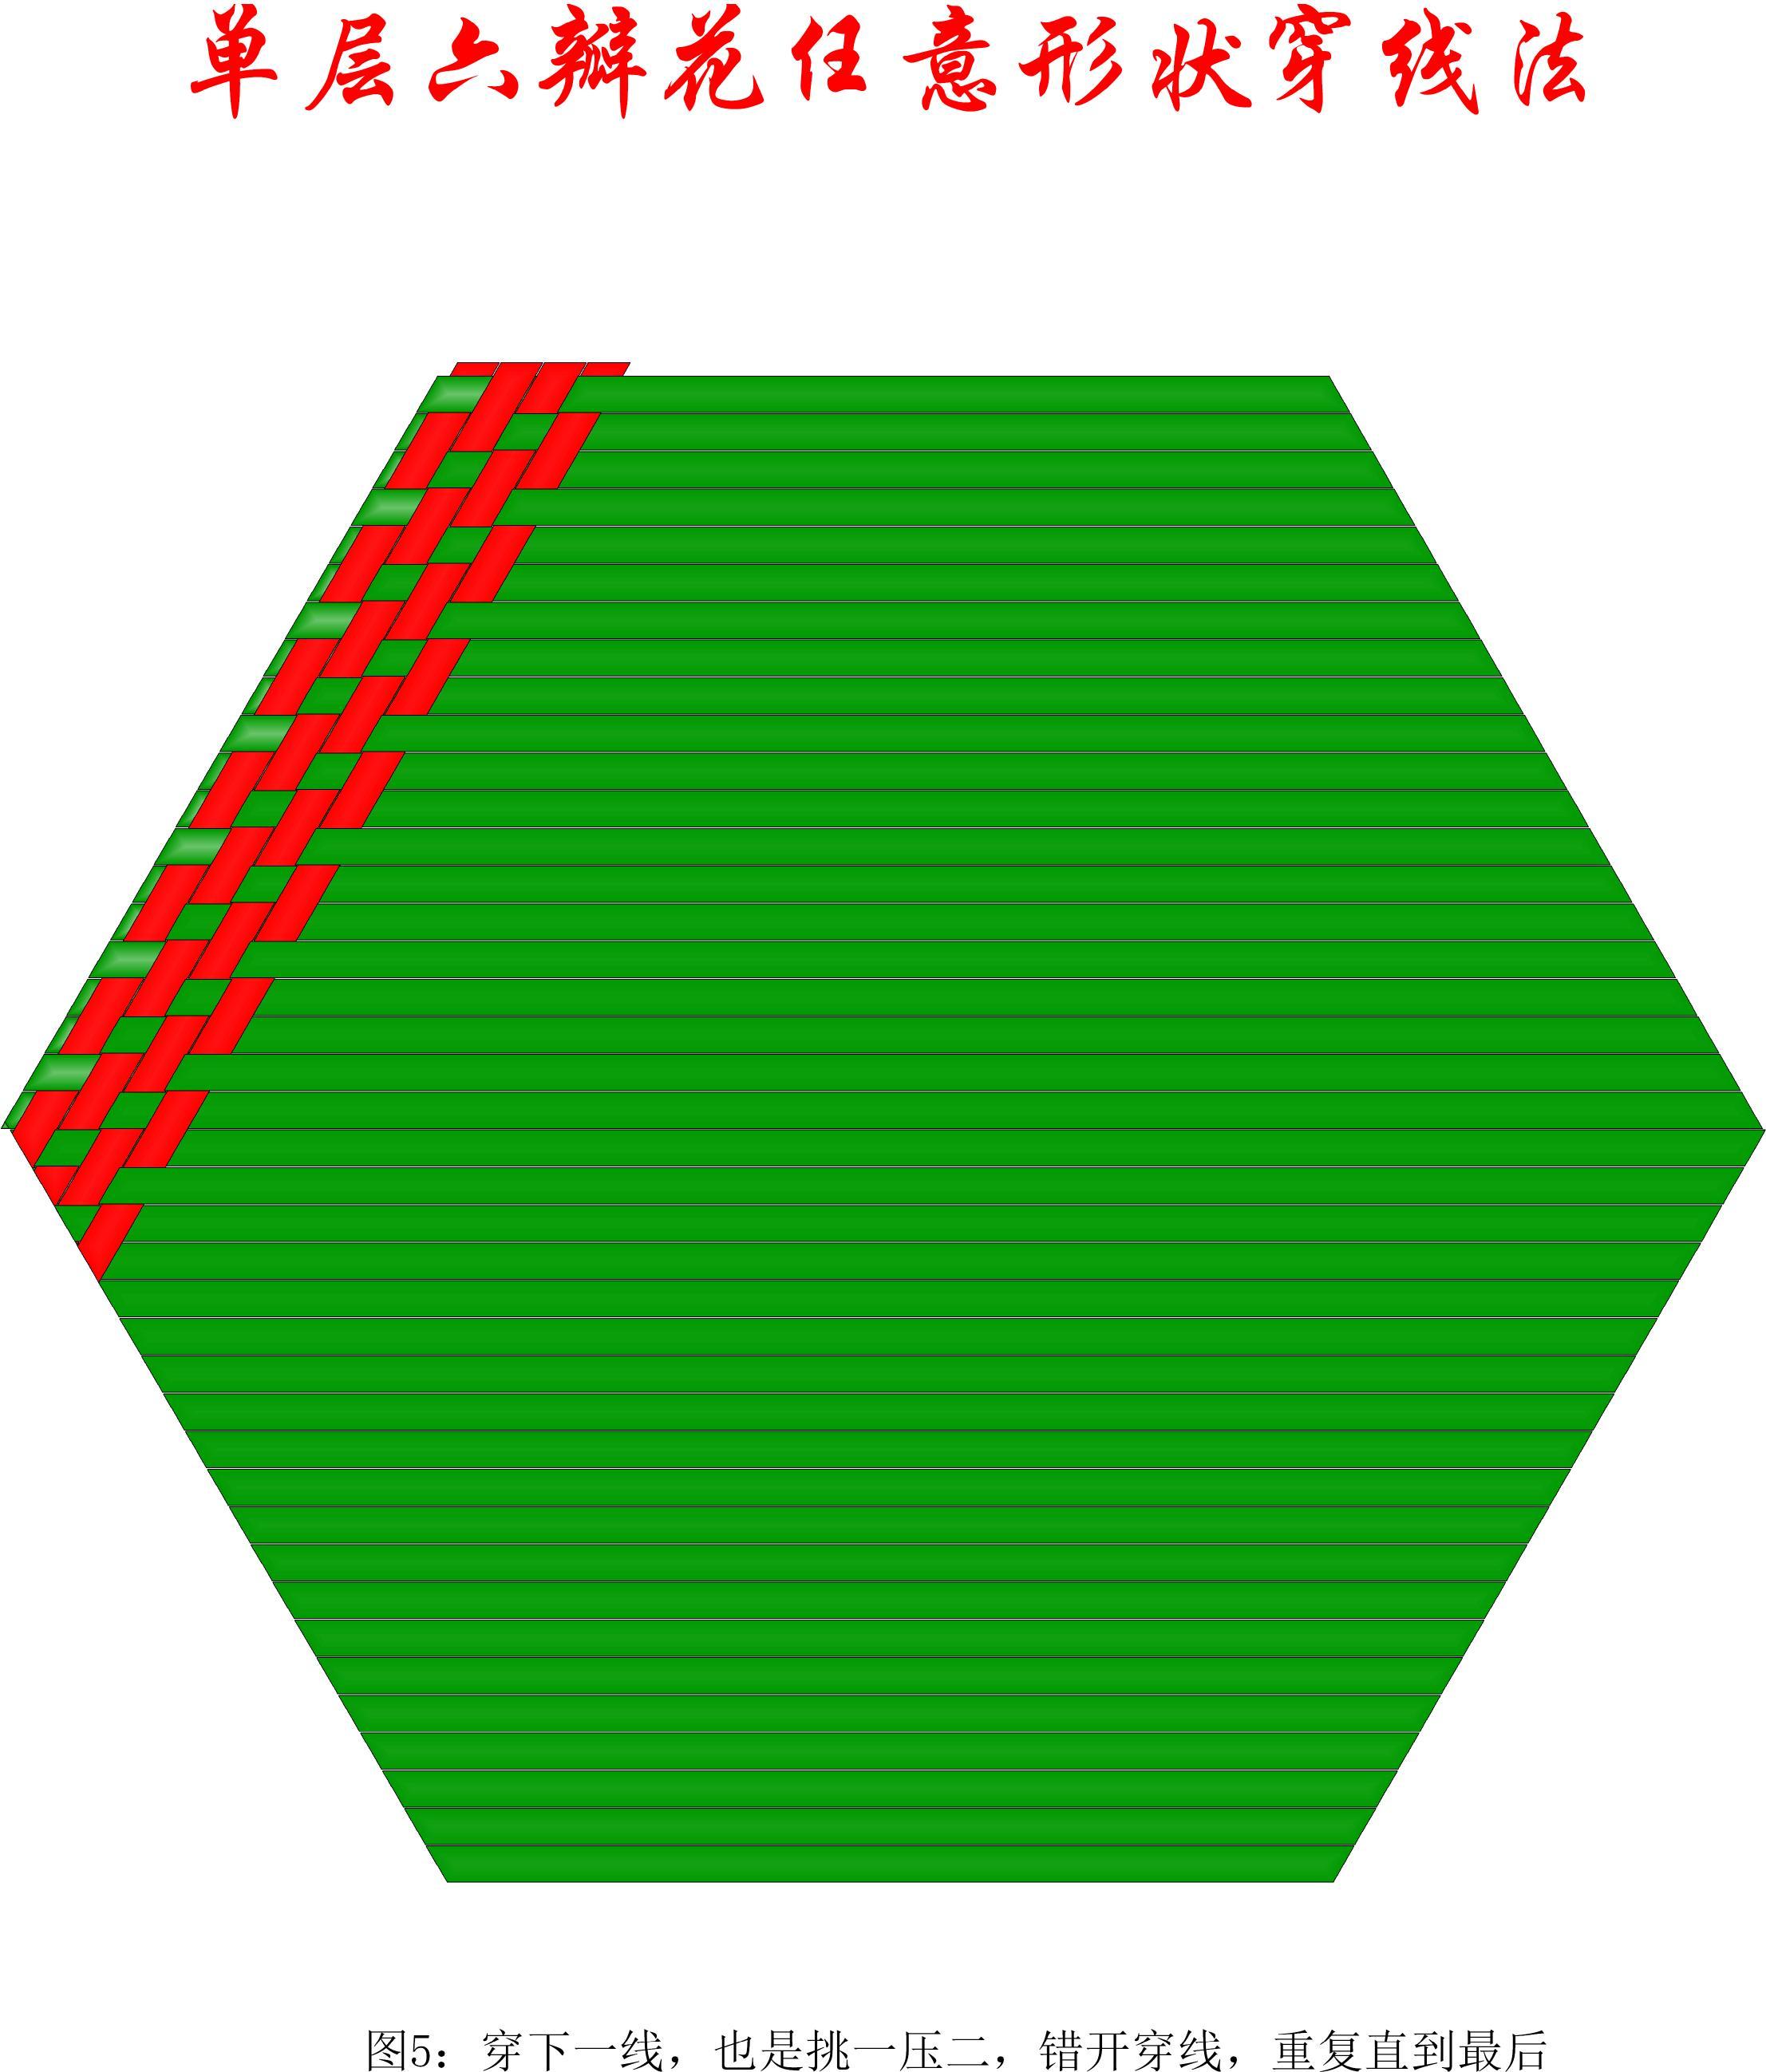 中国结论坛 单层叠压六瓣花任意形状穿线方法 1264,盘长结 丑丑徒手编结 200903ll4w9w9mlqi0lqz8